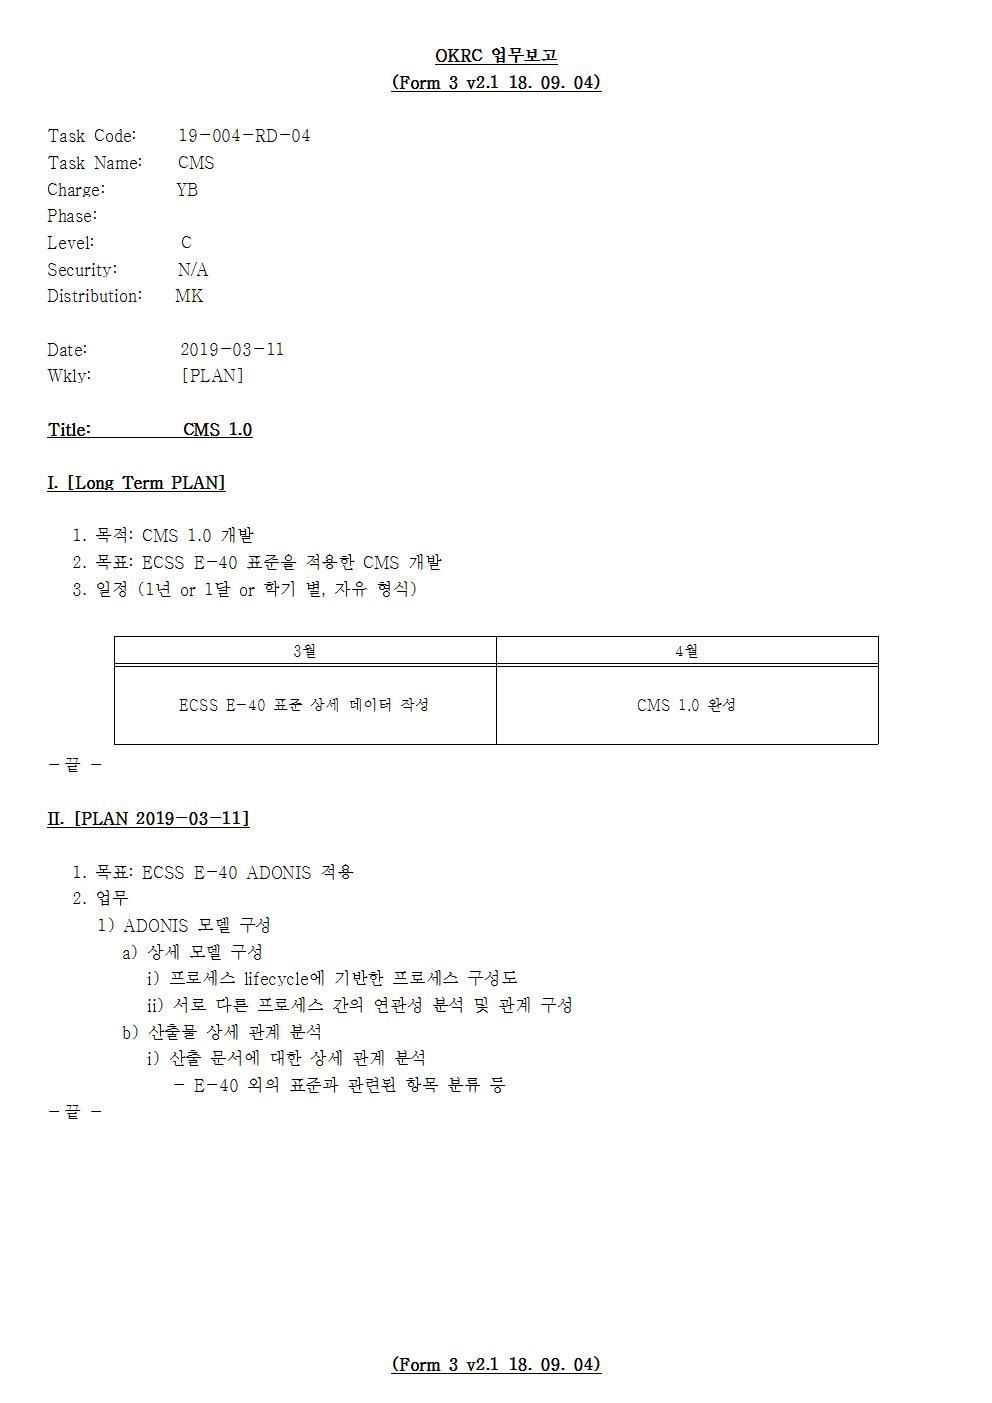 D-[19-004-RD-04]-[CMS]-[2019-03-11][YB]001.jpg